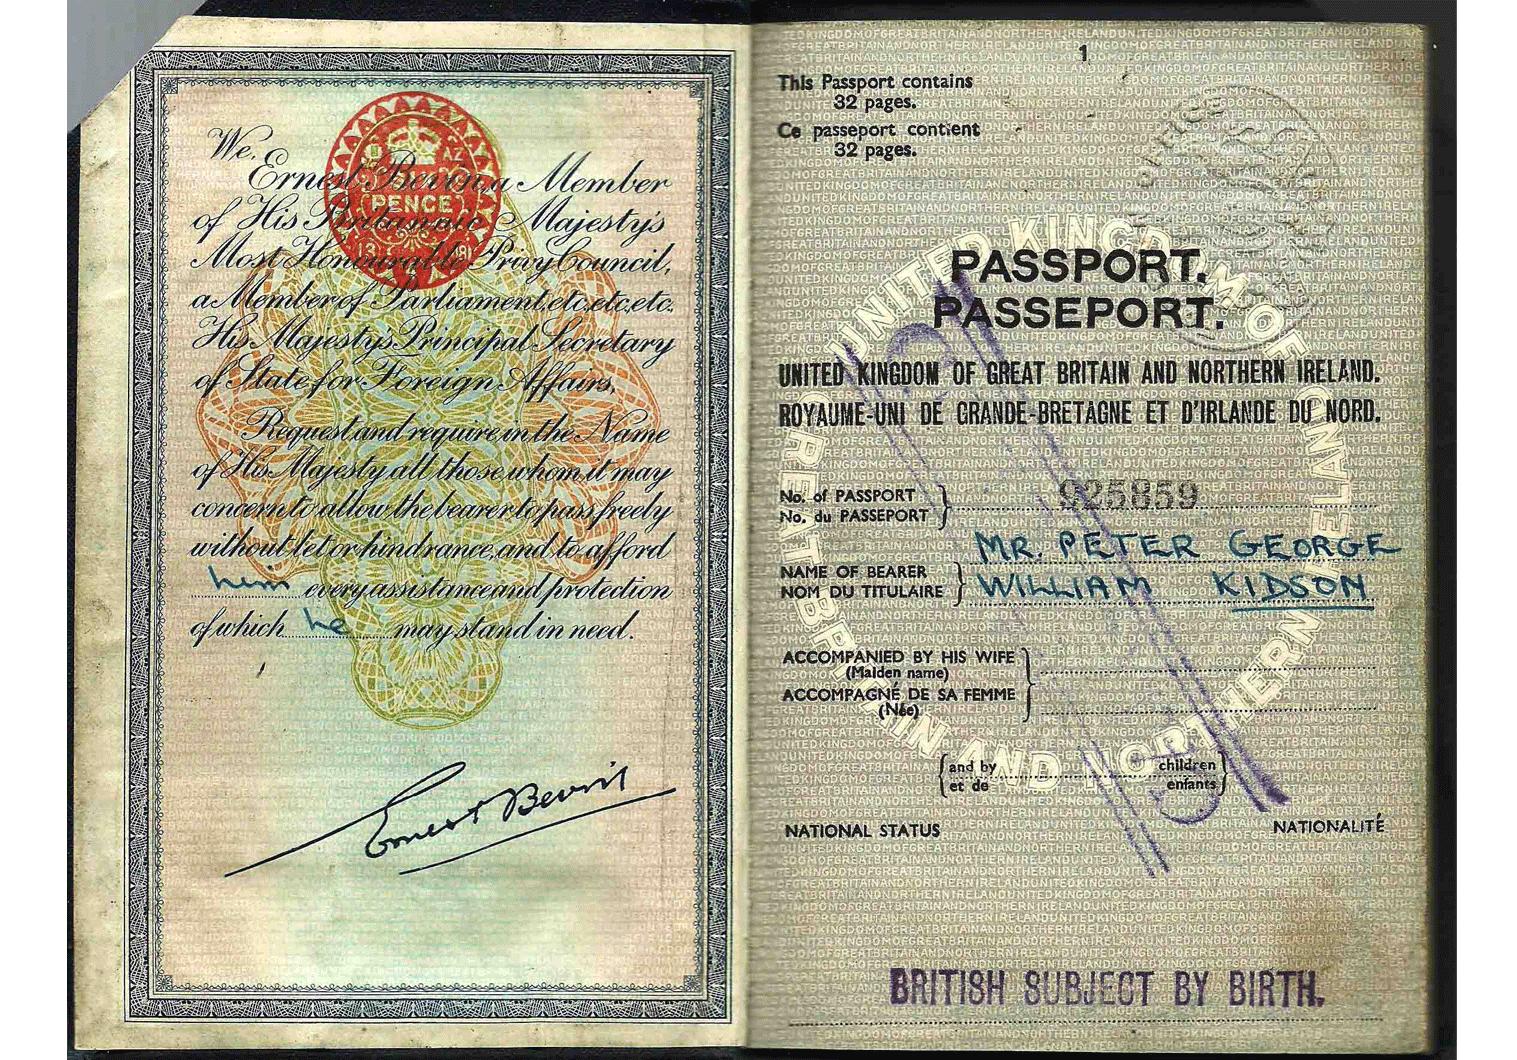 British Diplomatic passport